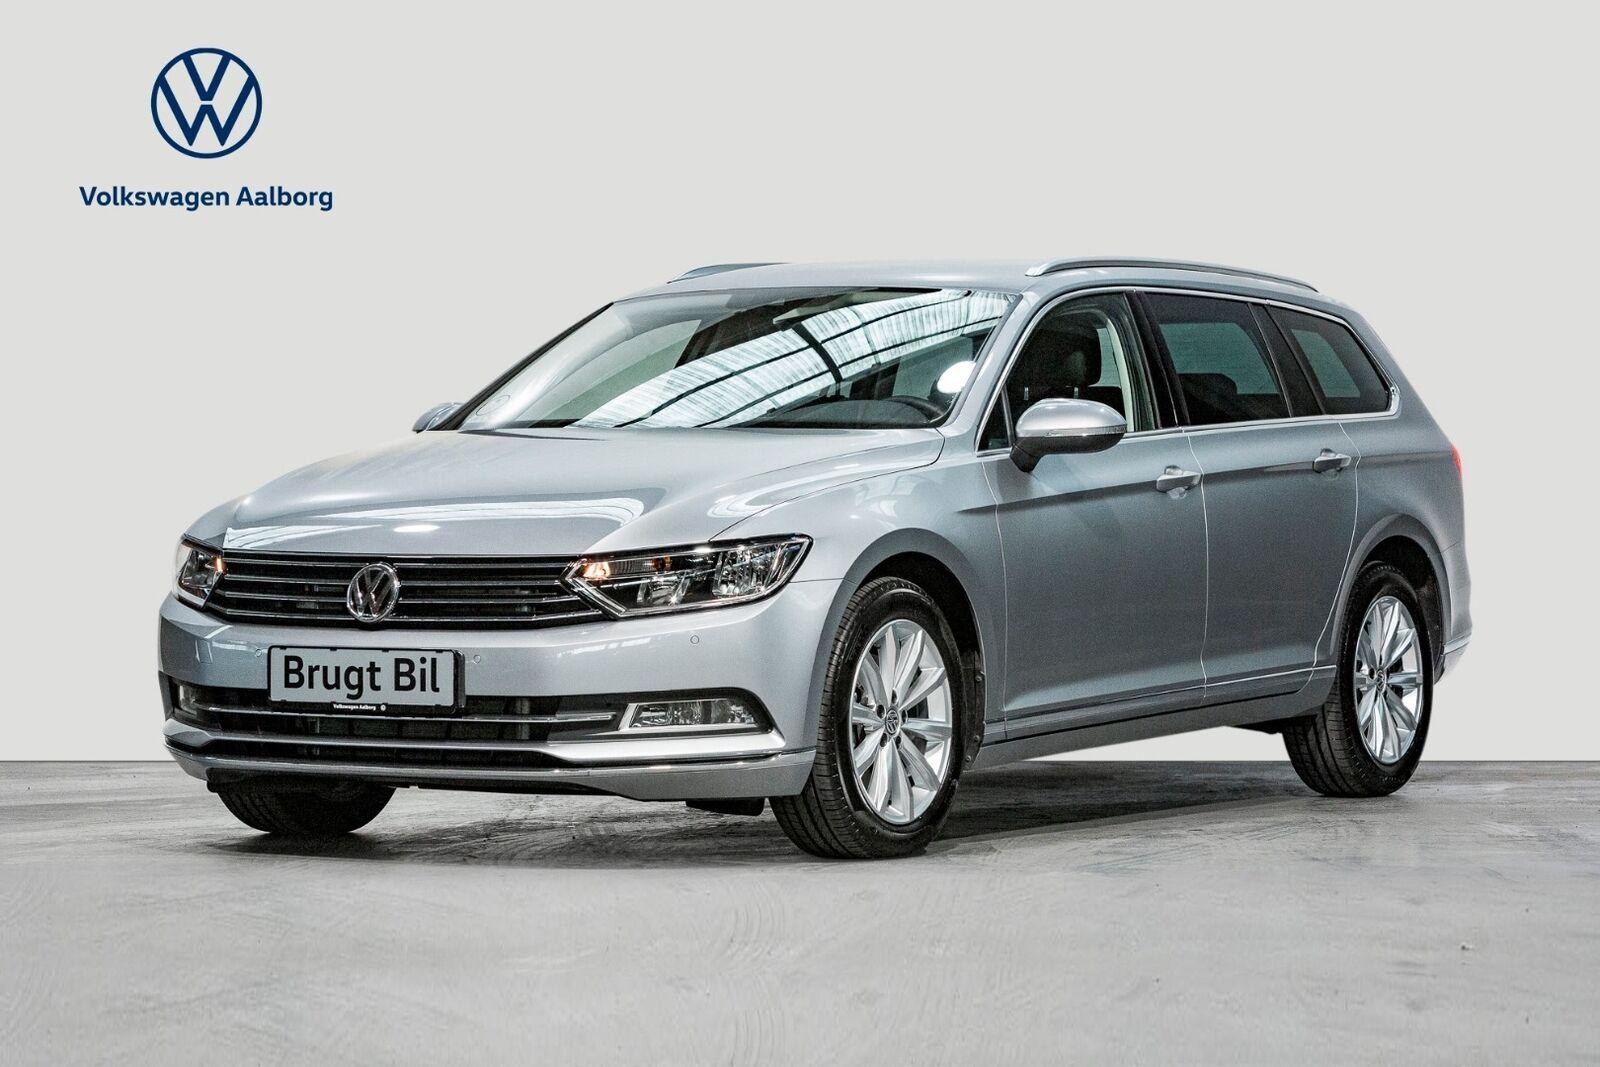 VW Passat 2,0 TDi 150 Highl. Prem. Vari. DSG 5d - 379.000 kr.